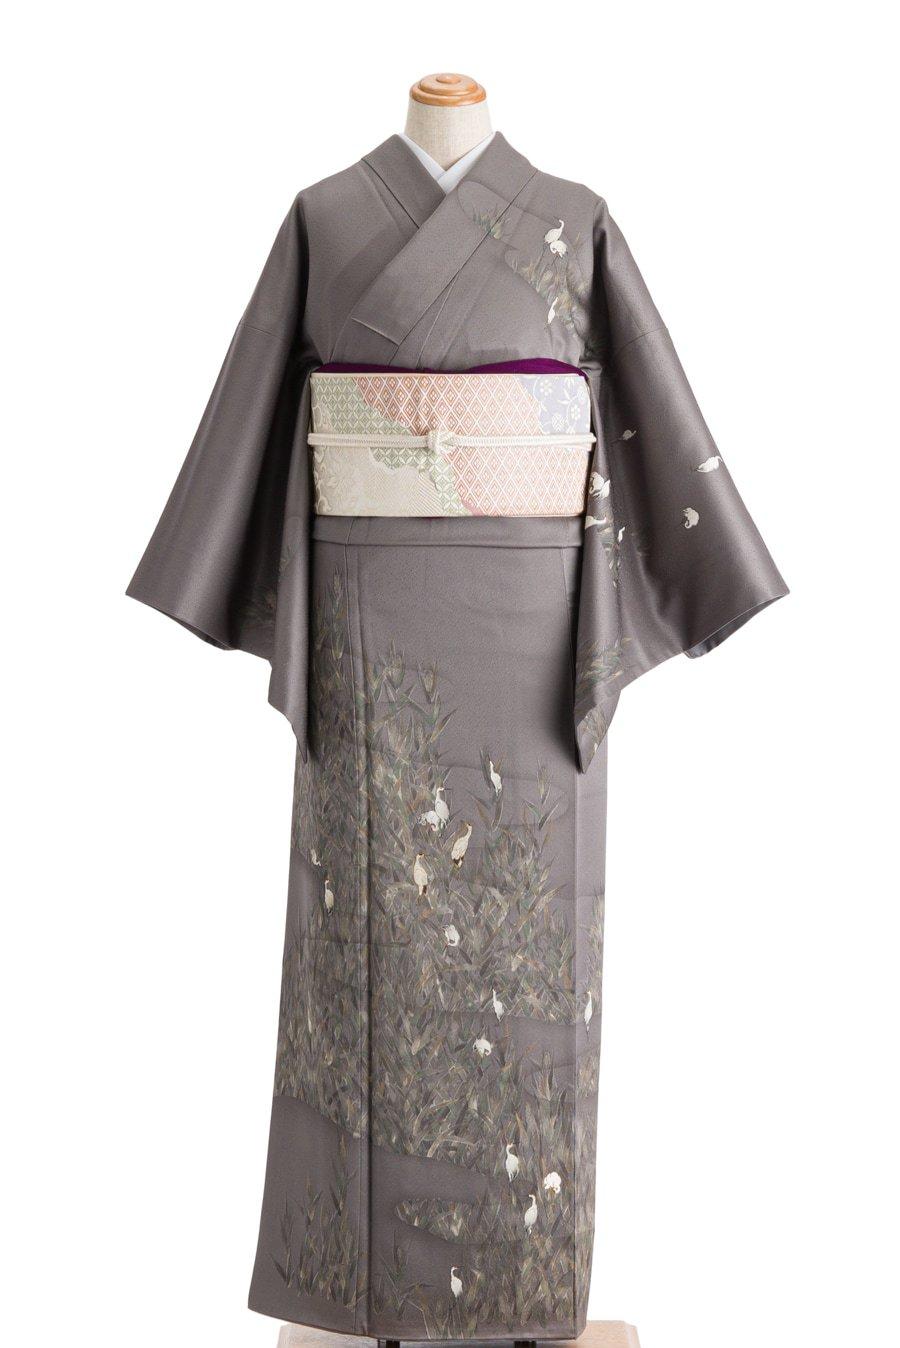 「訪問着 草陰の鶴」の商品画像